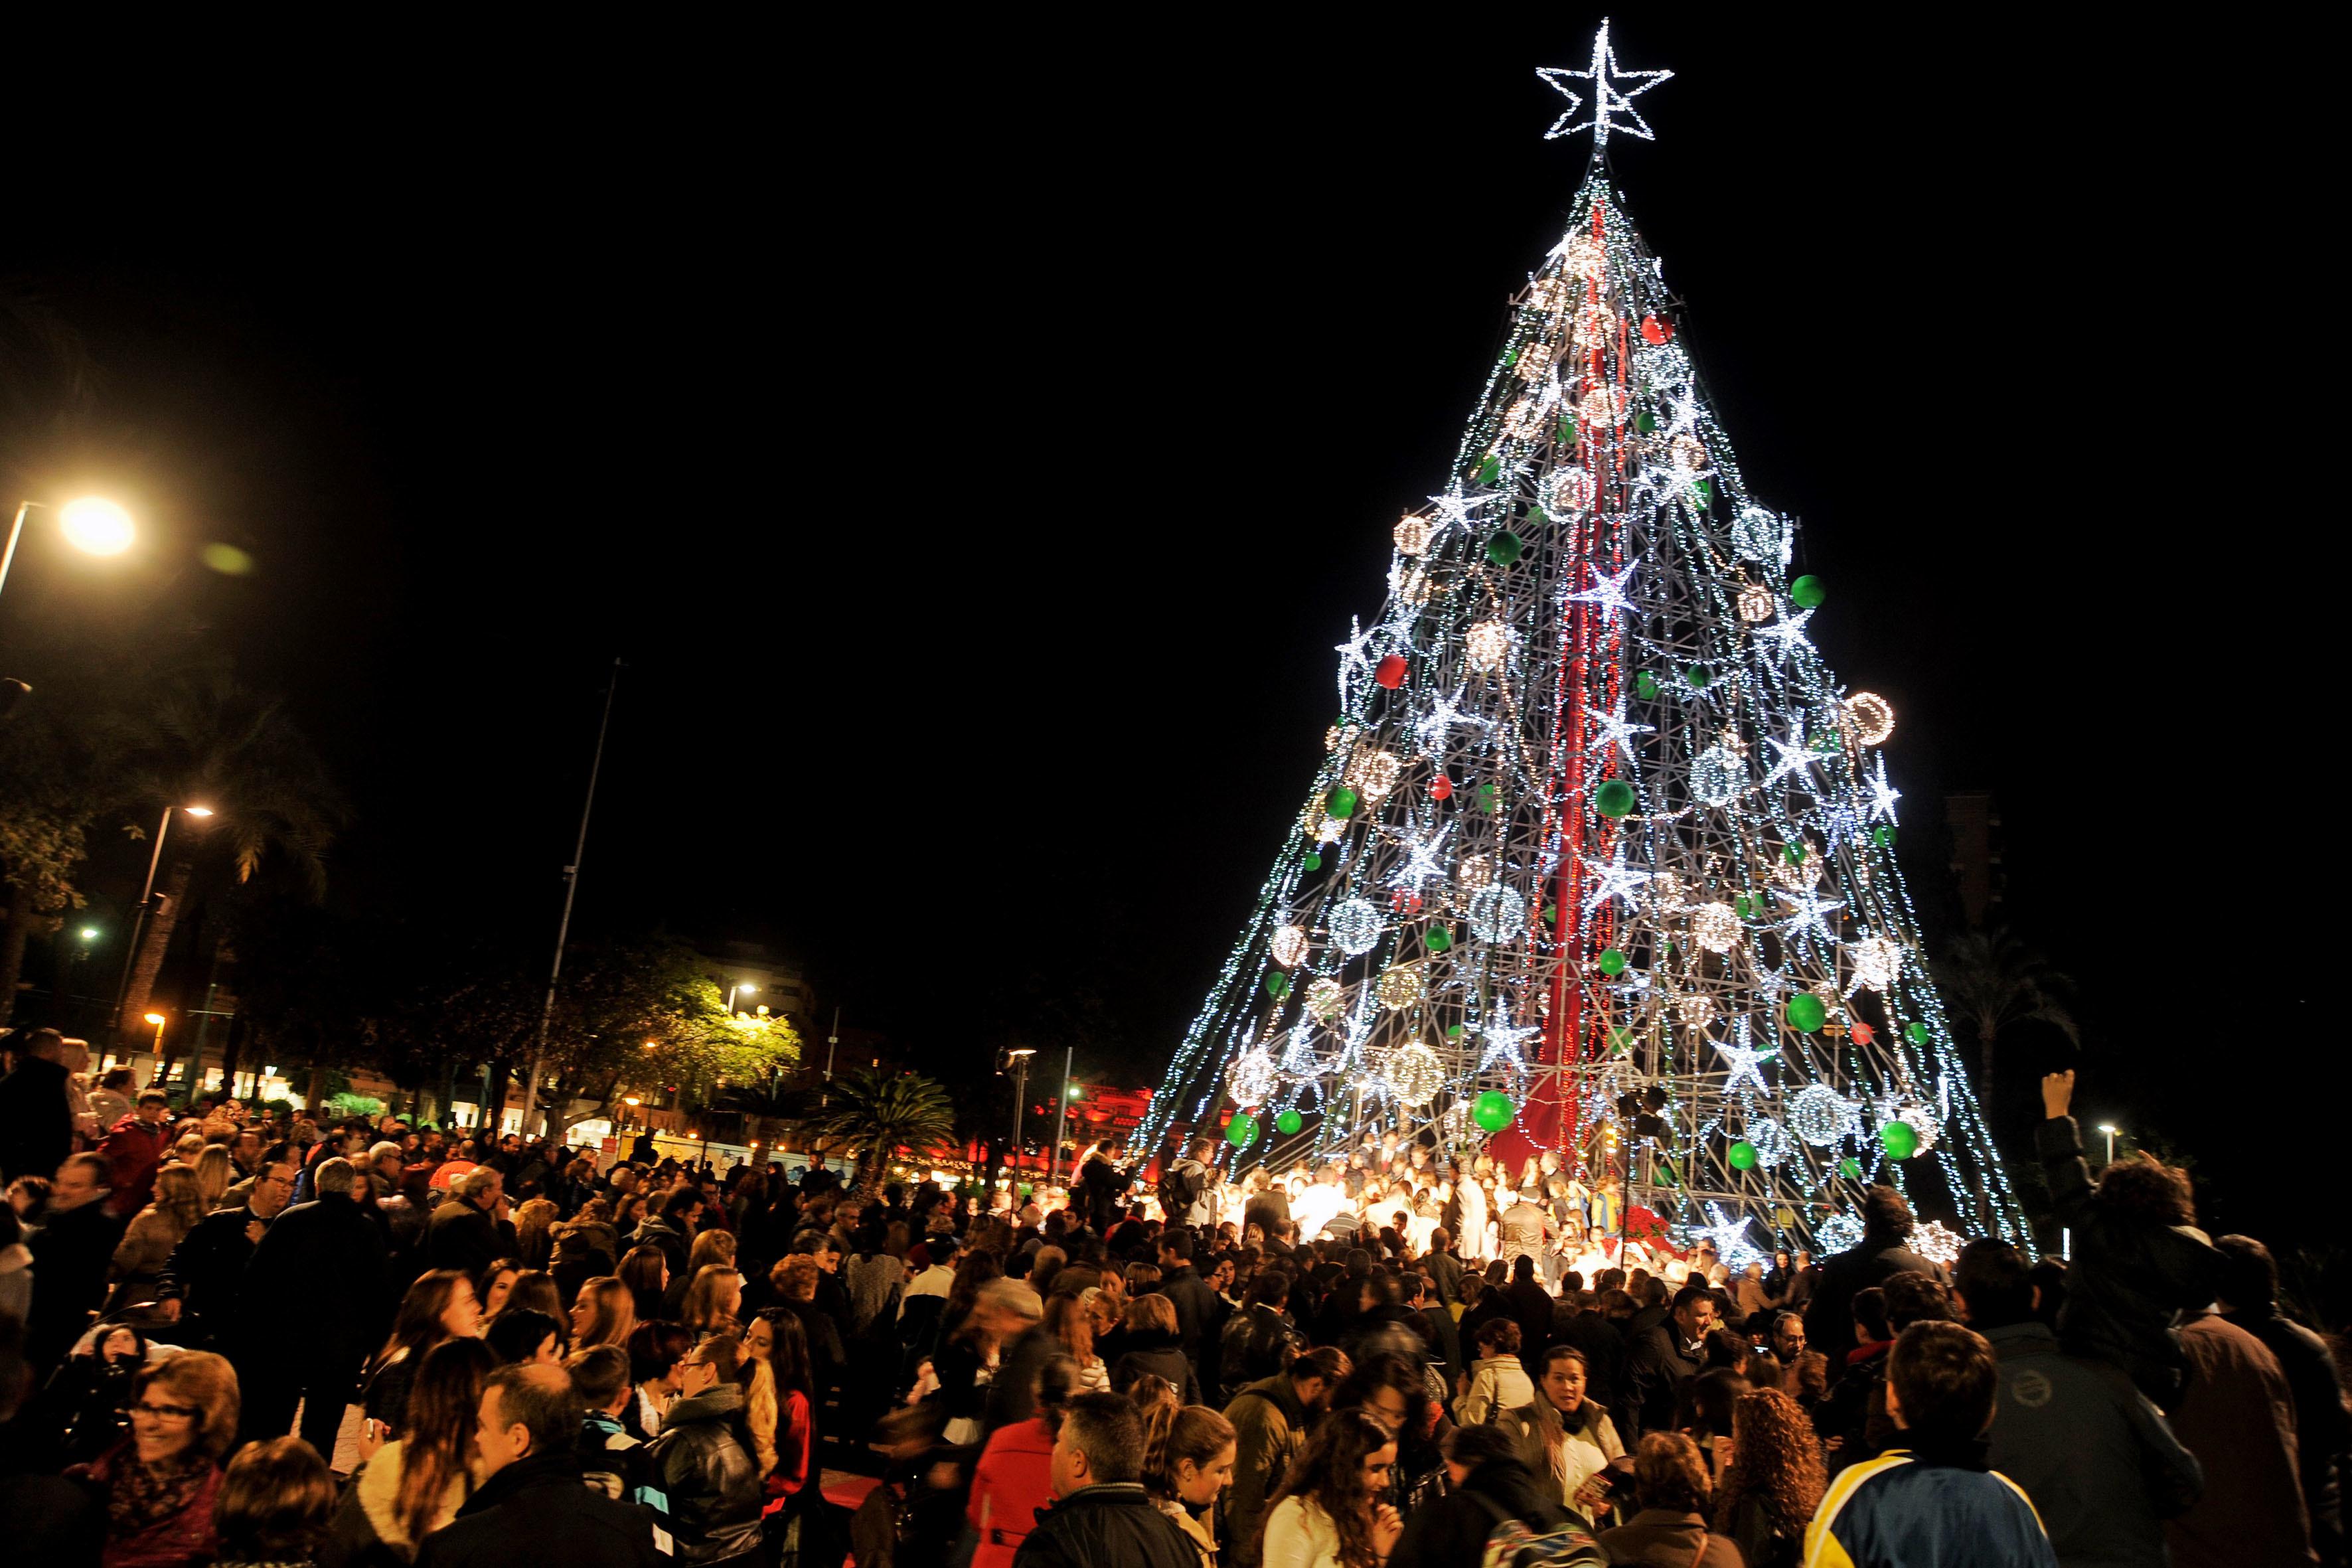 El gran rbol de Navidad ya preside Murcia